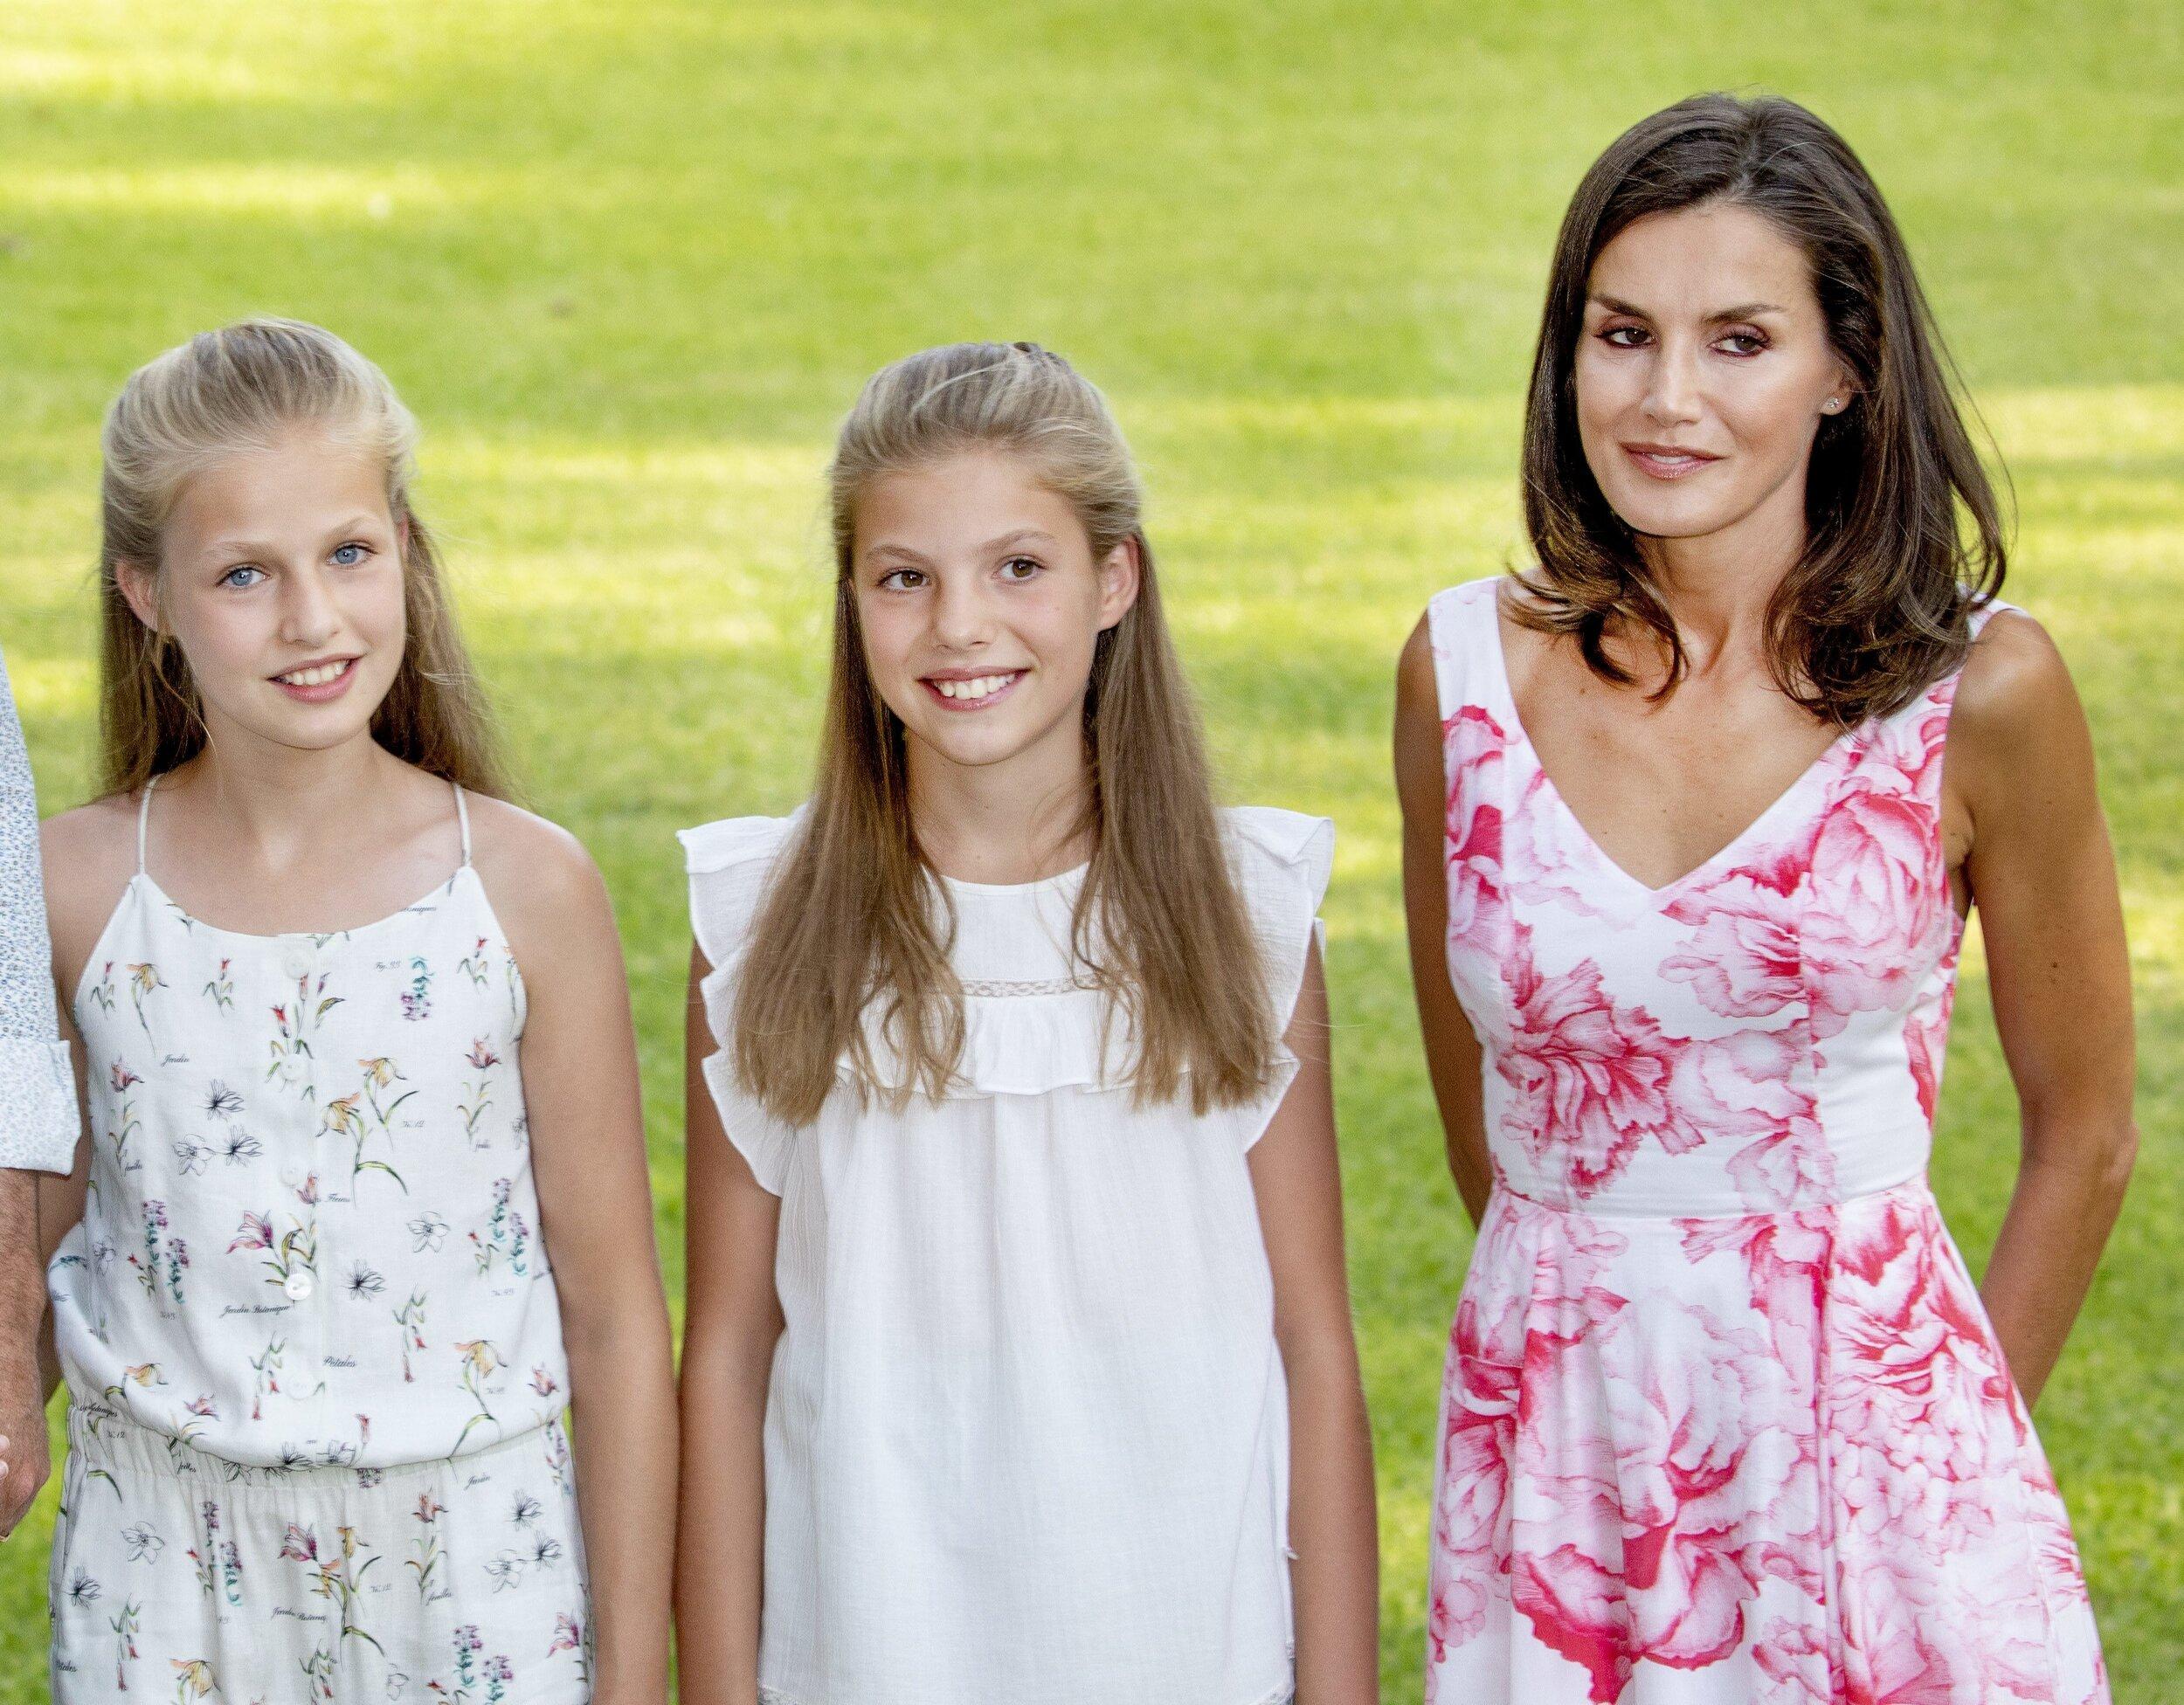 """Königin Letizia hat ihre Töchter lange vor der Öffentlichkeit beschützt. Einige Spanier warfen ihr sogar vor, die Mädchen regelrecht abzuschotten """"Die Unsichtbare"""" wird Leonor genannt  © picture alliance/RoyalPress Europe"""